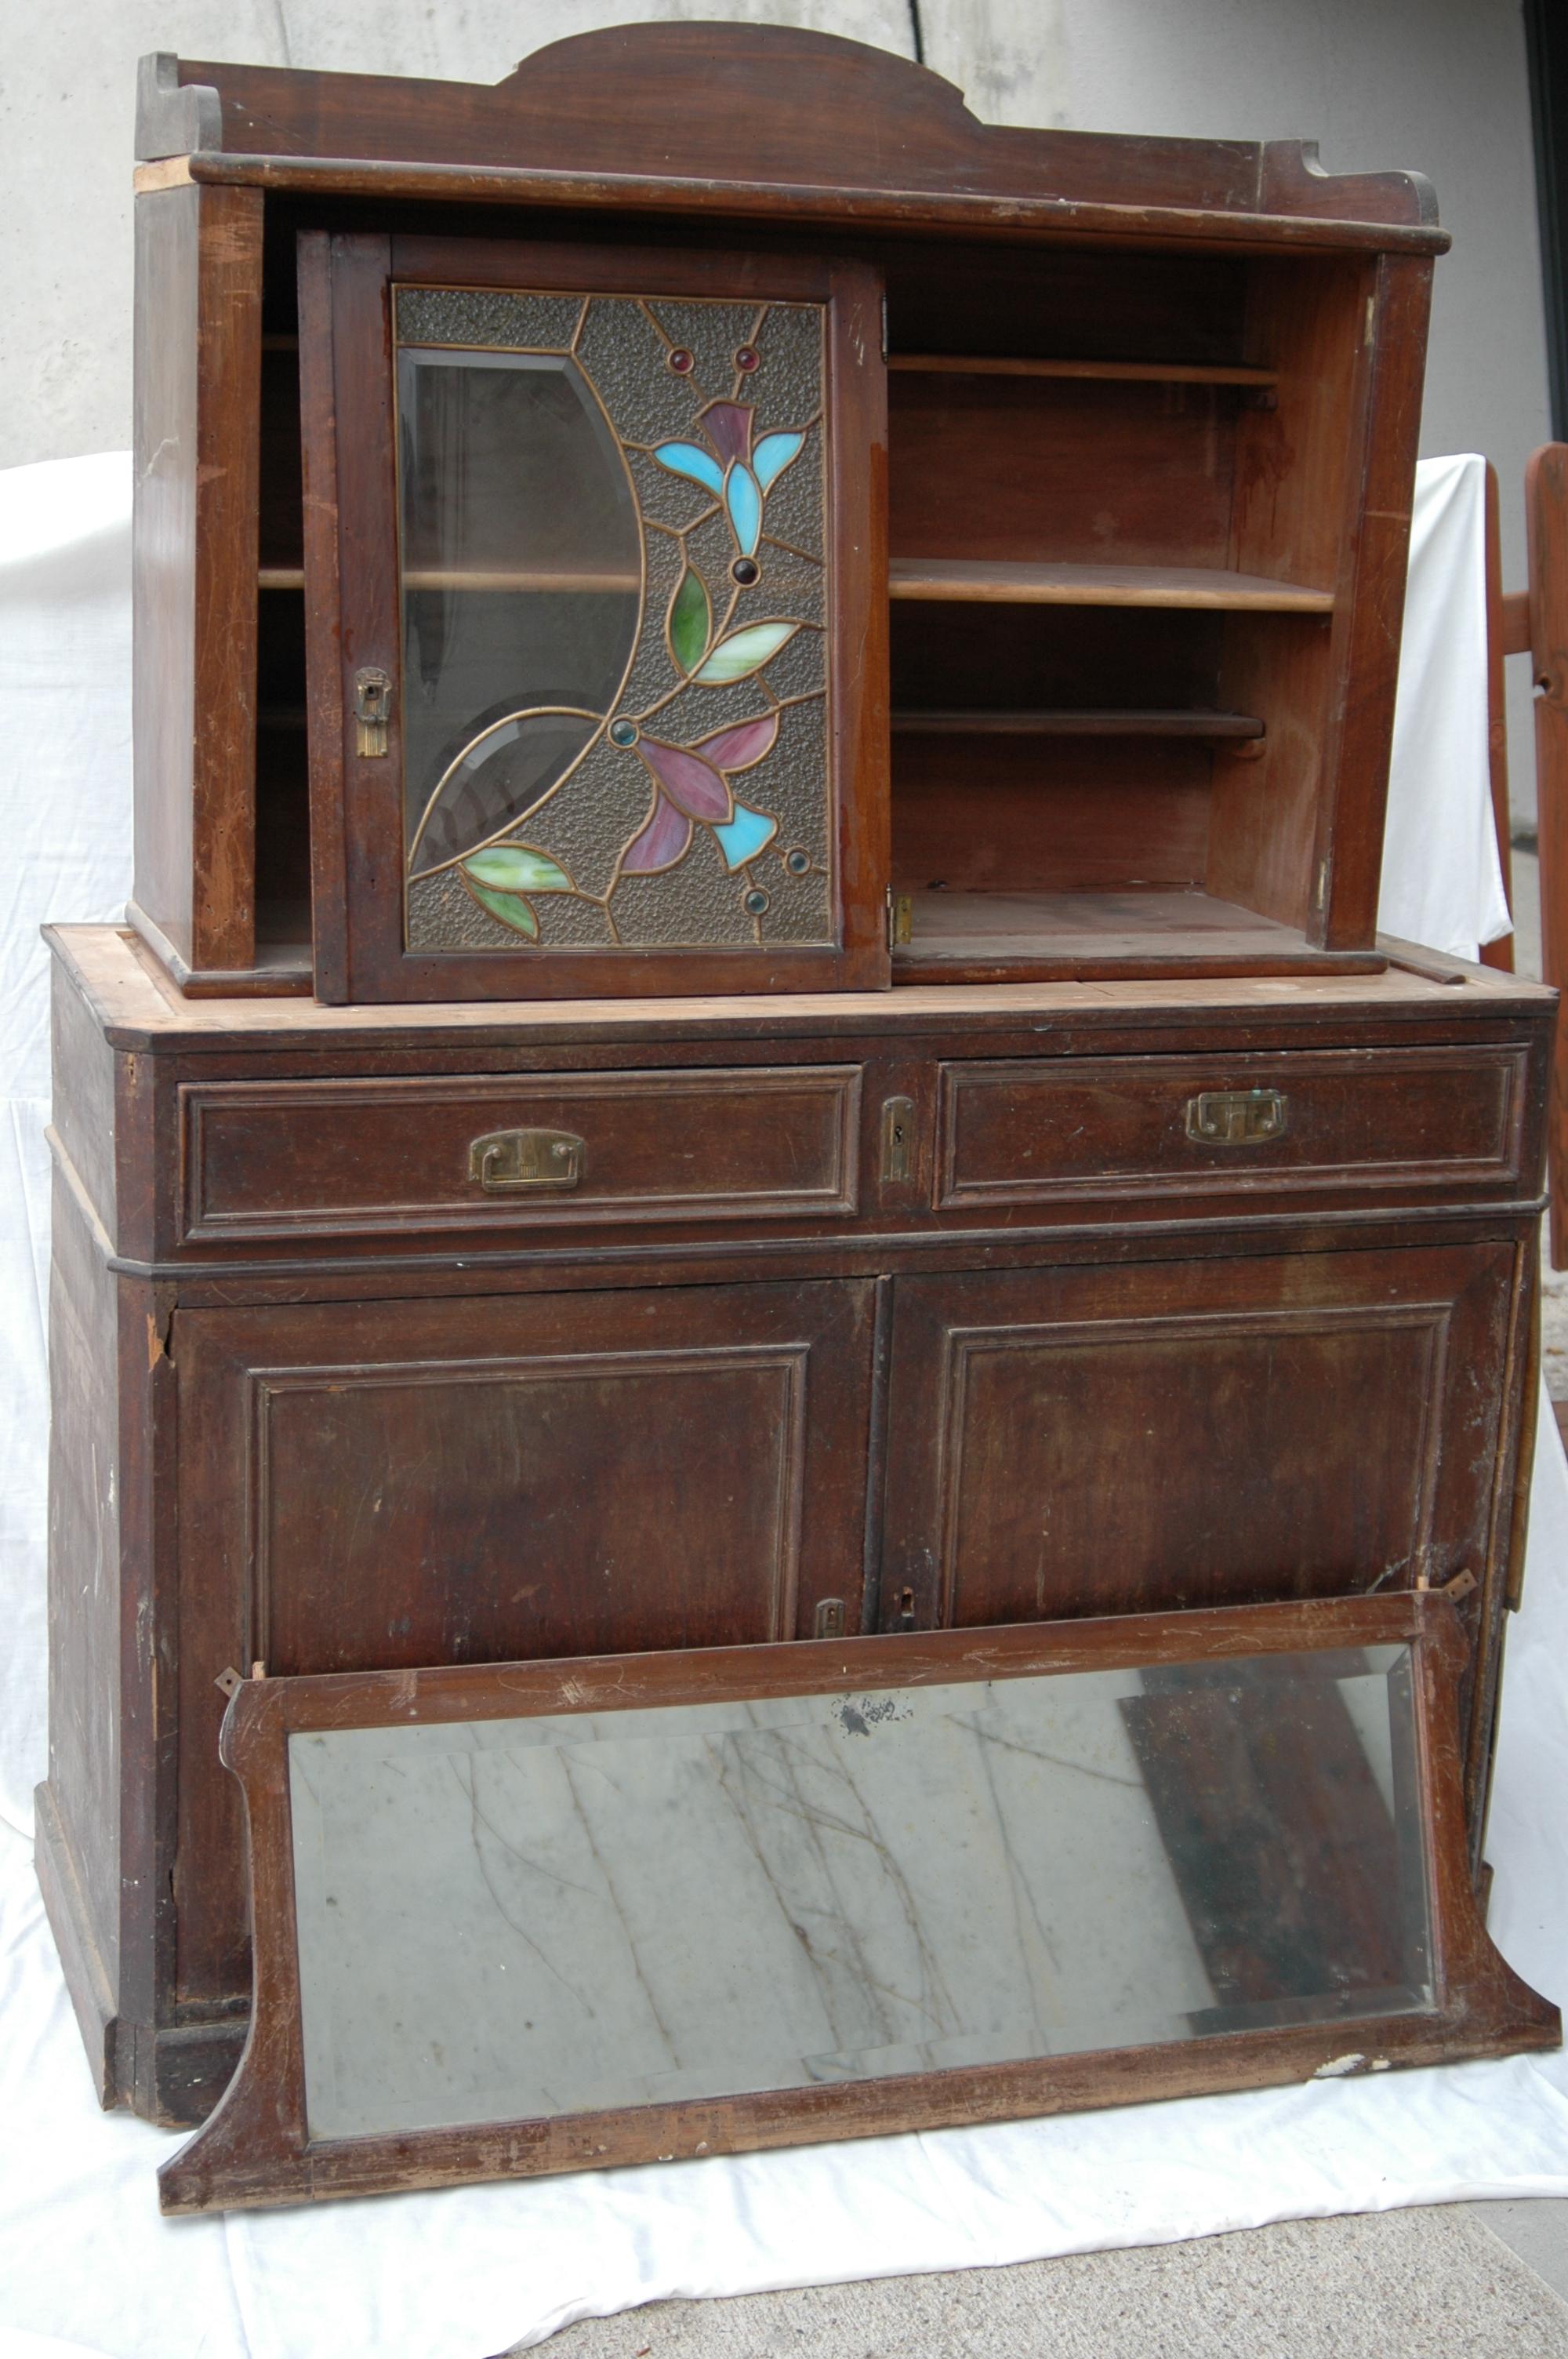 Comprar Muebles Antiguos Para Restaurar Excellent Muebles